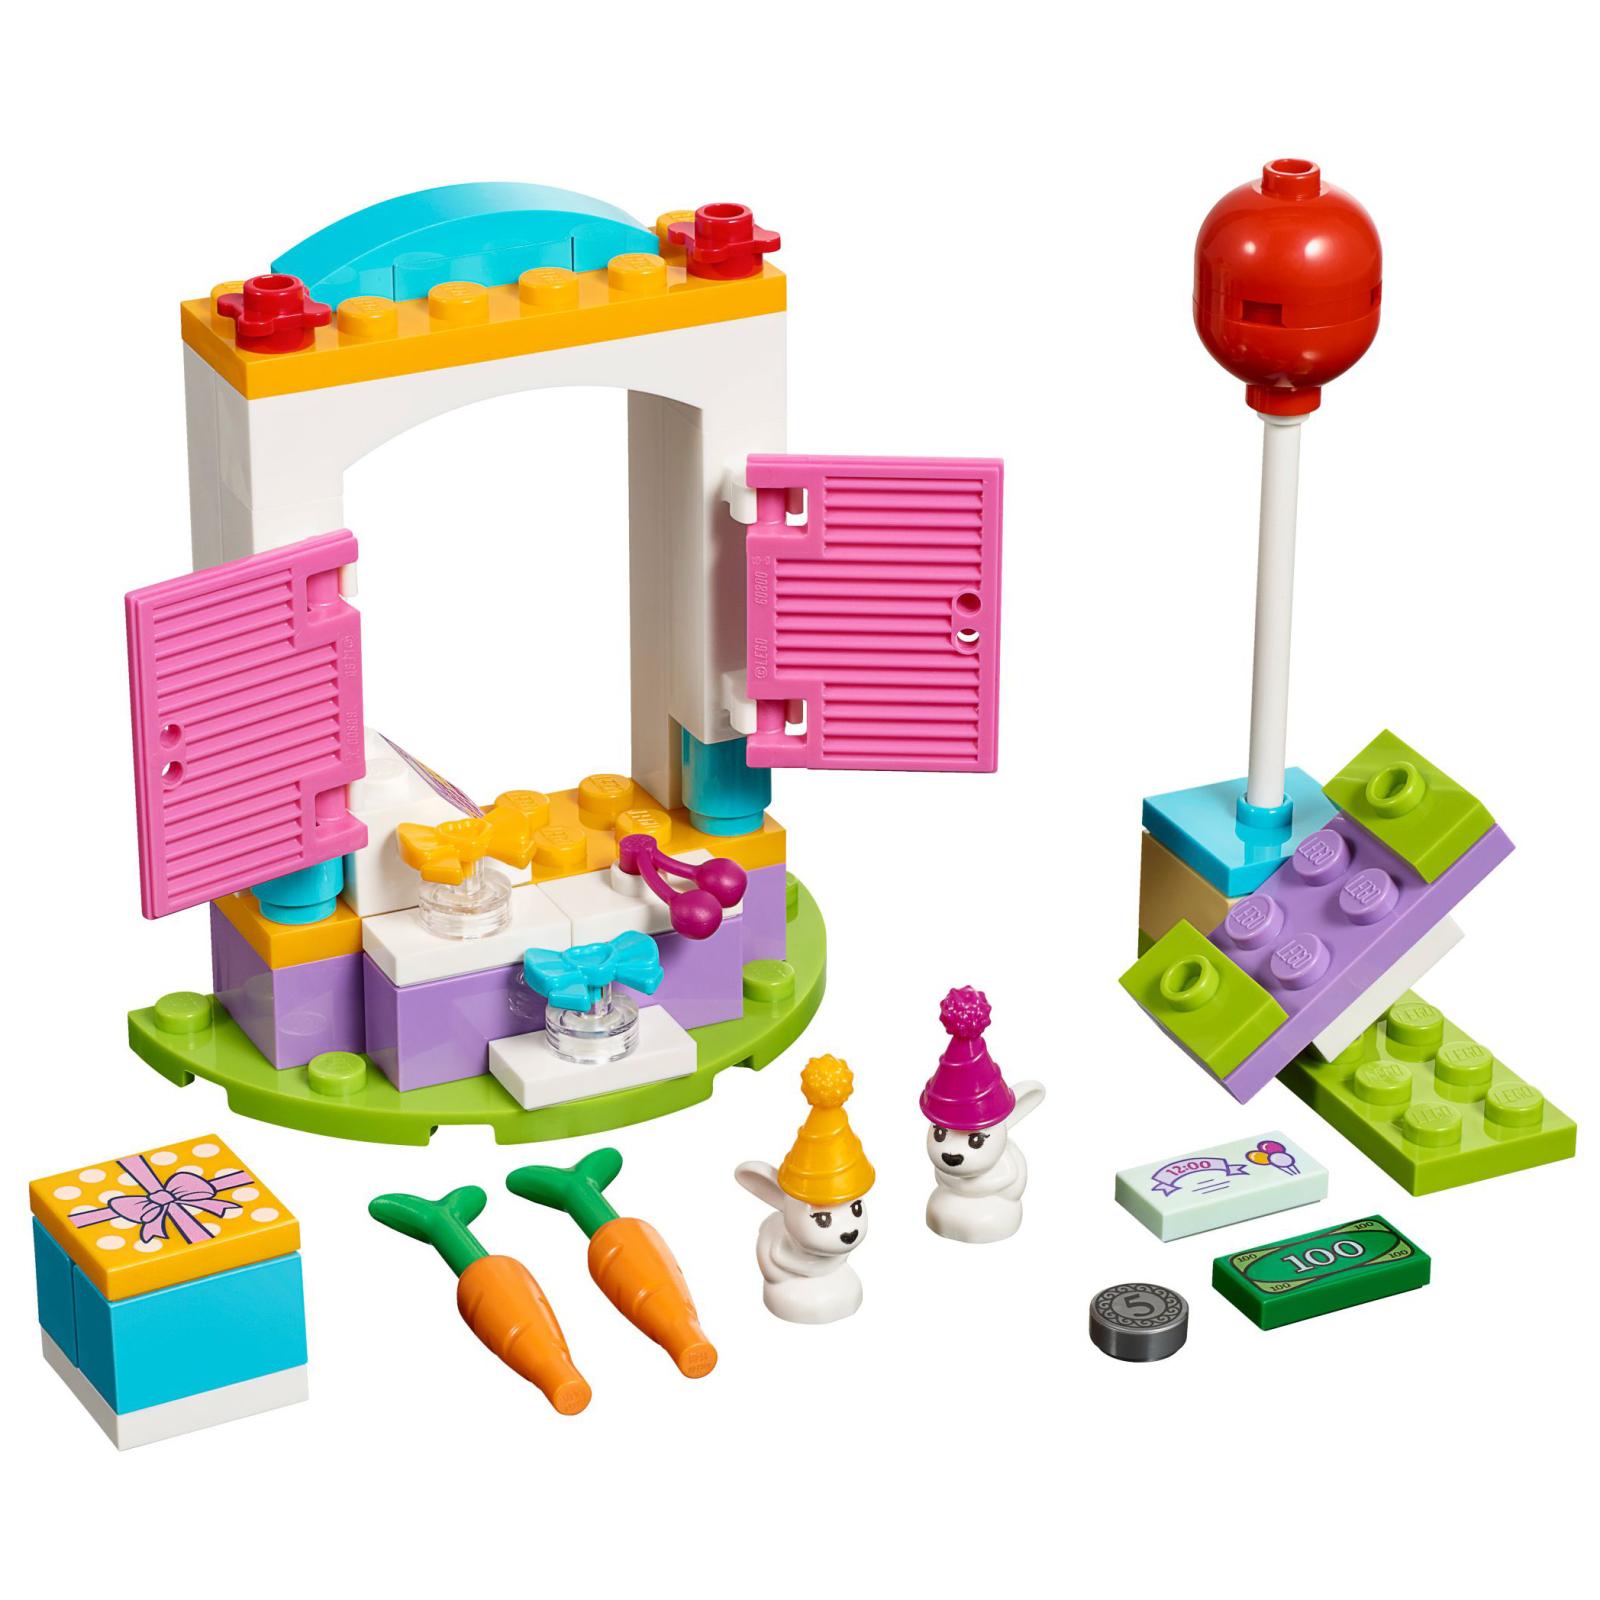 Конструктор LEGO Friends День рождения: магазин подарков (41113) изображение 2